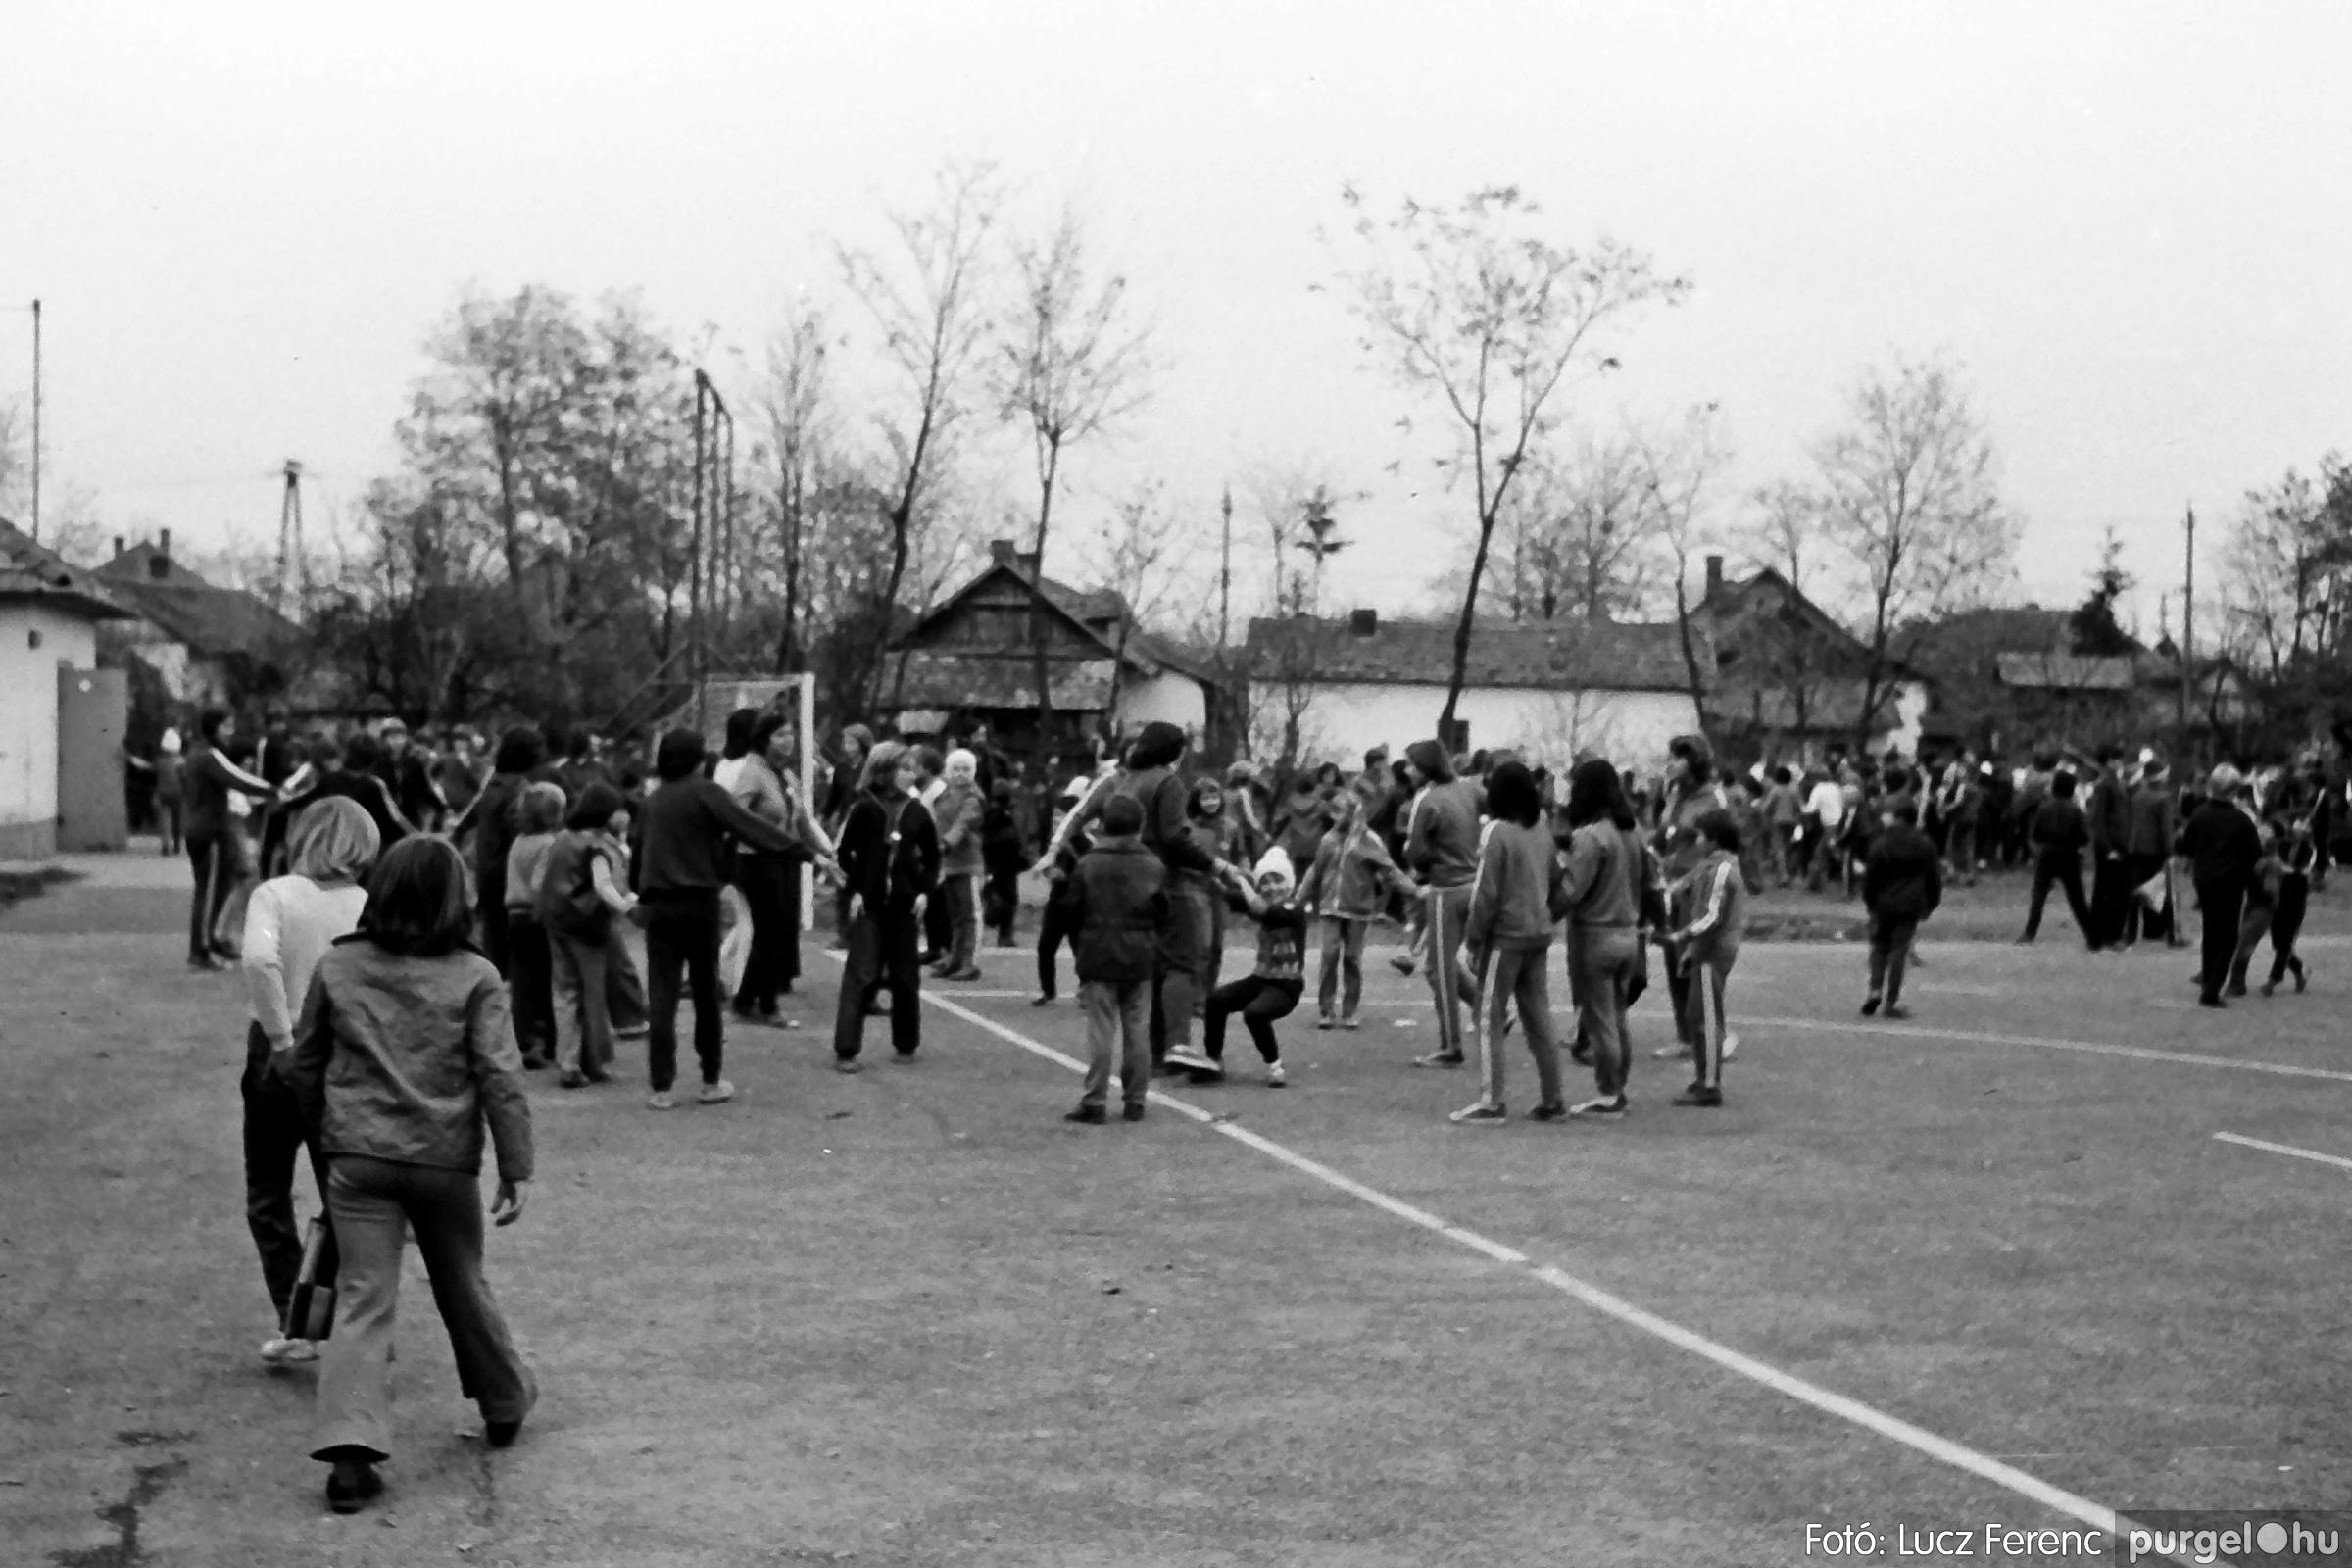 092. 1977. Úttörő rendezvény a Központi Általános Iskolában 017. - Fotó: Lucz Ferenc.jpg